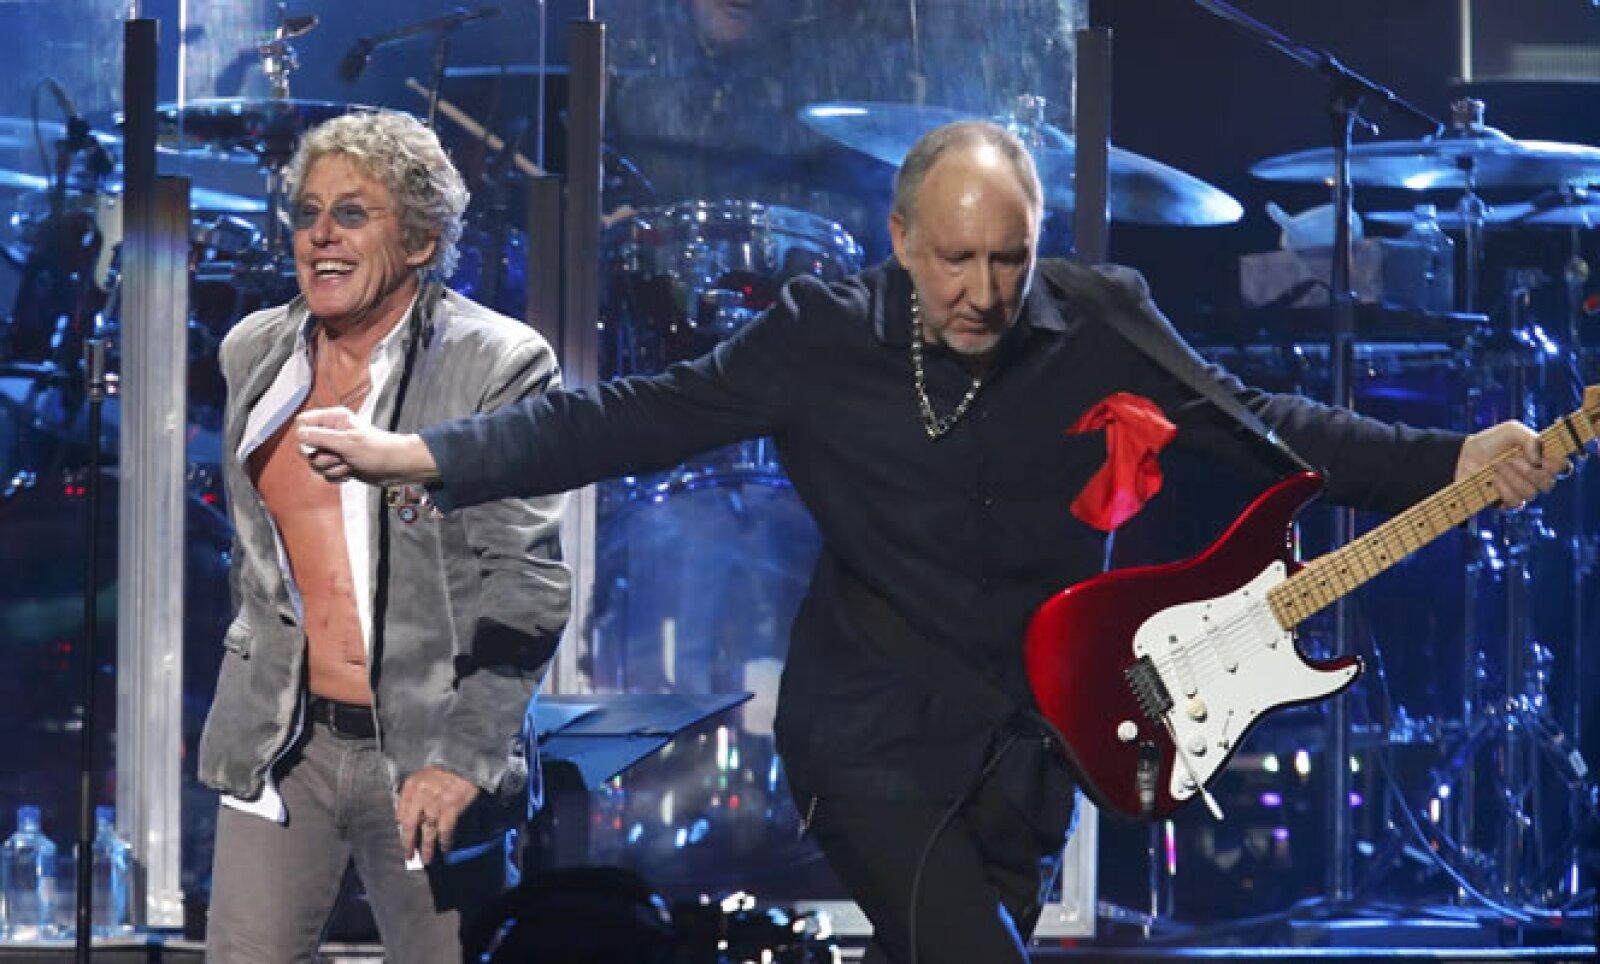 The Who puso el toque rudo al concierto. Roger Daltrey y Pete Townshend tocaron los temas clásicos 'Who are You', 'Bellboy', 'Pinball Wizard' y 'See Me, Feel Me'.